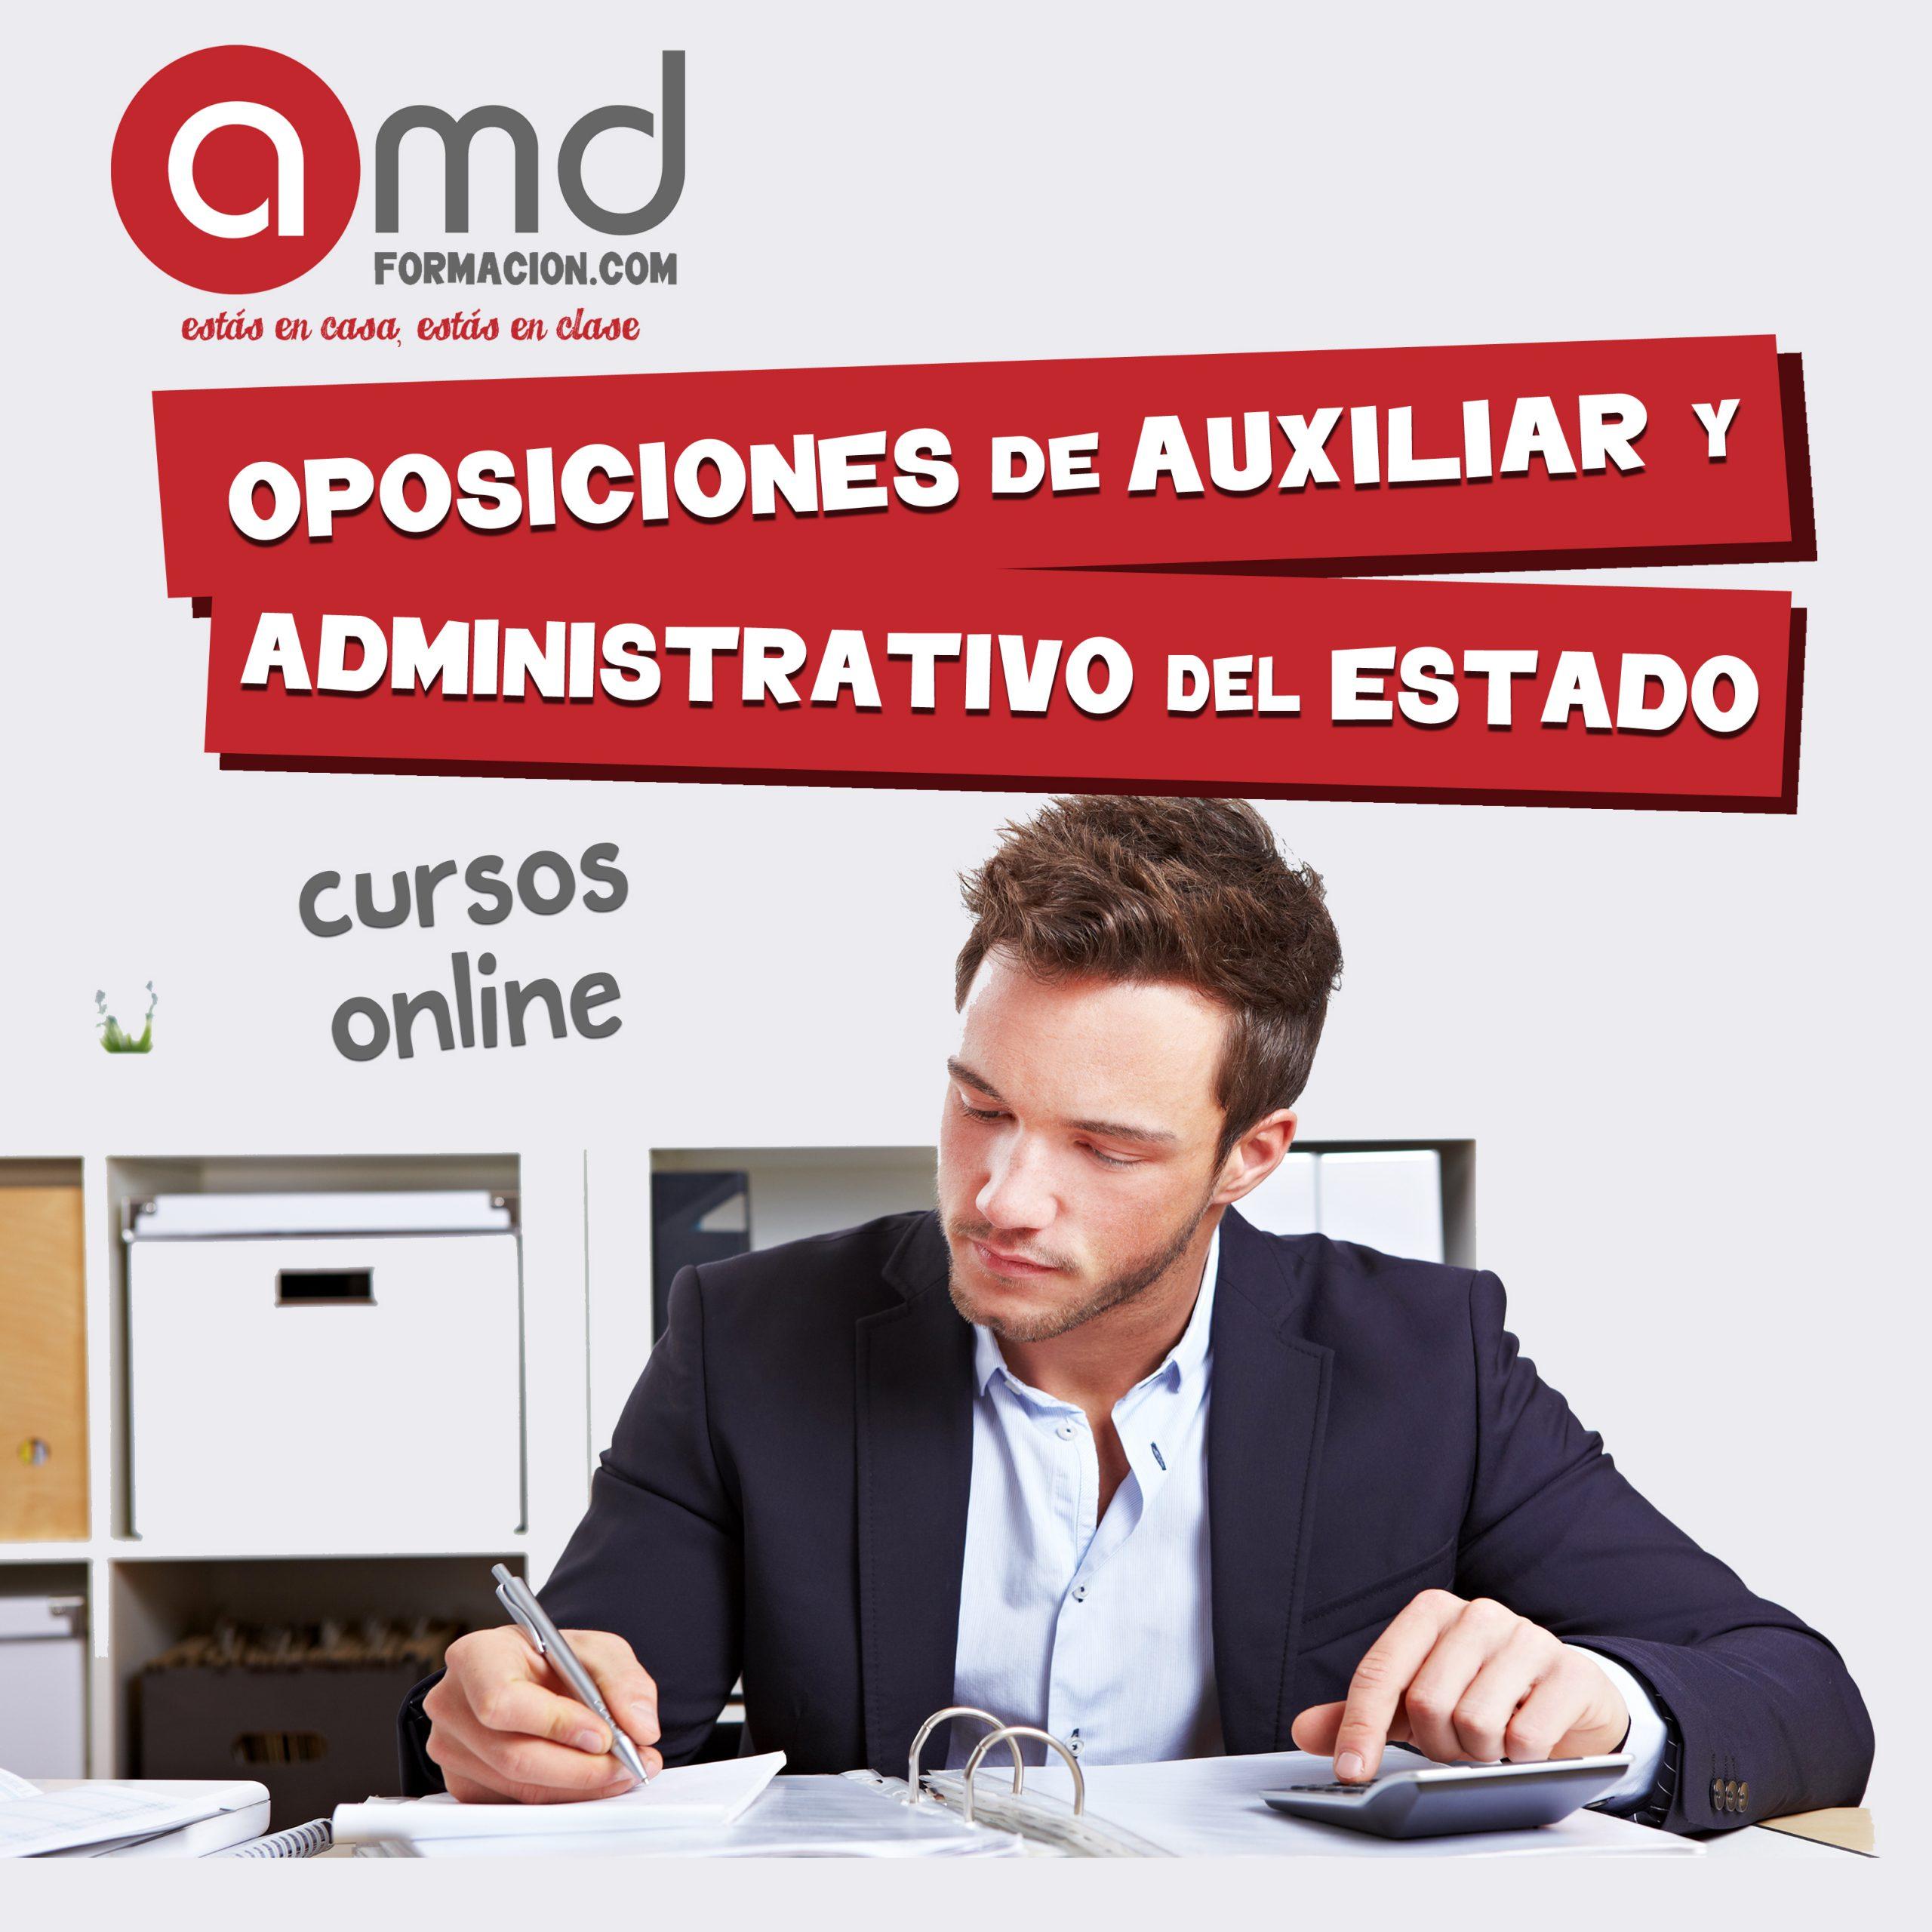 Auxiliar y Administrativo del Estado Online